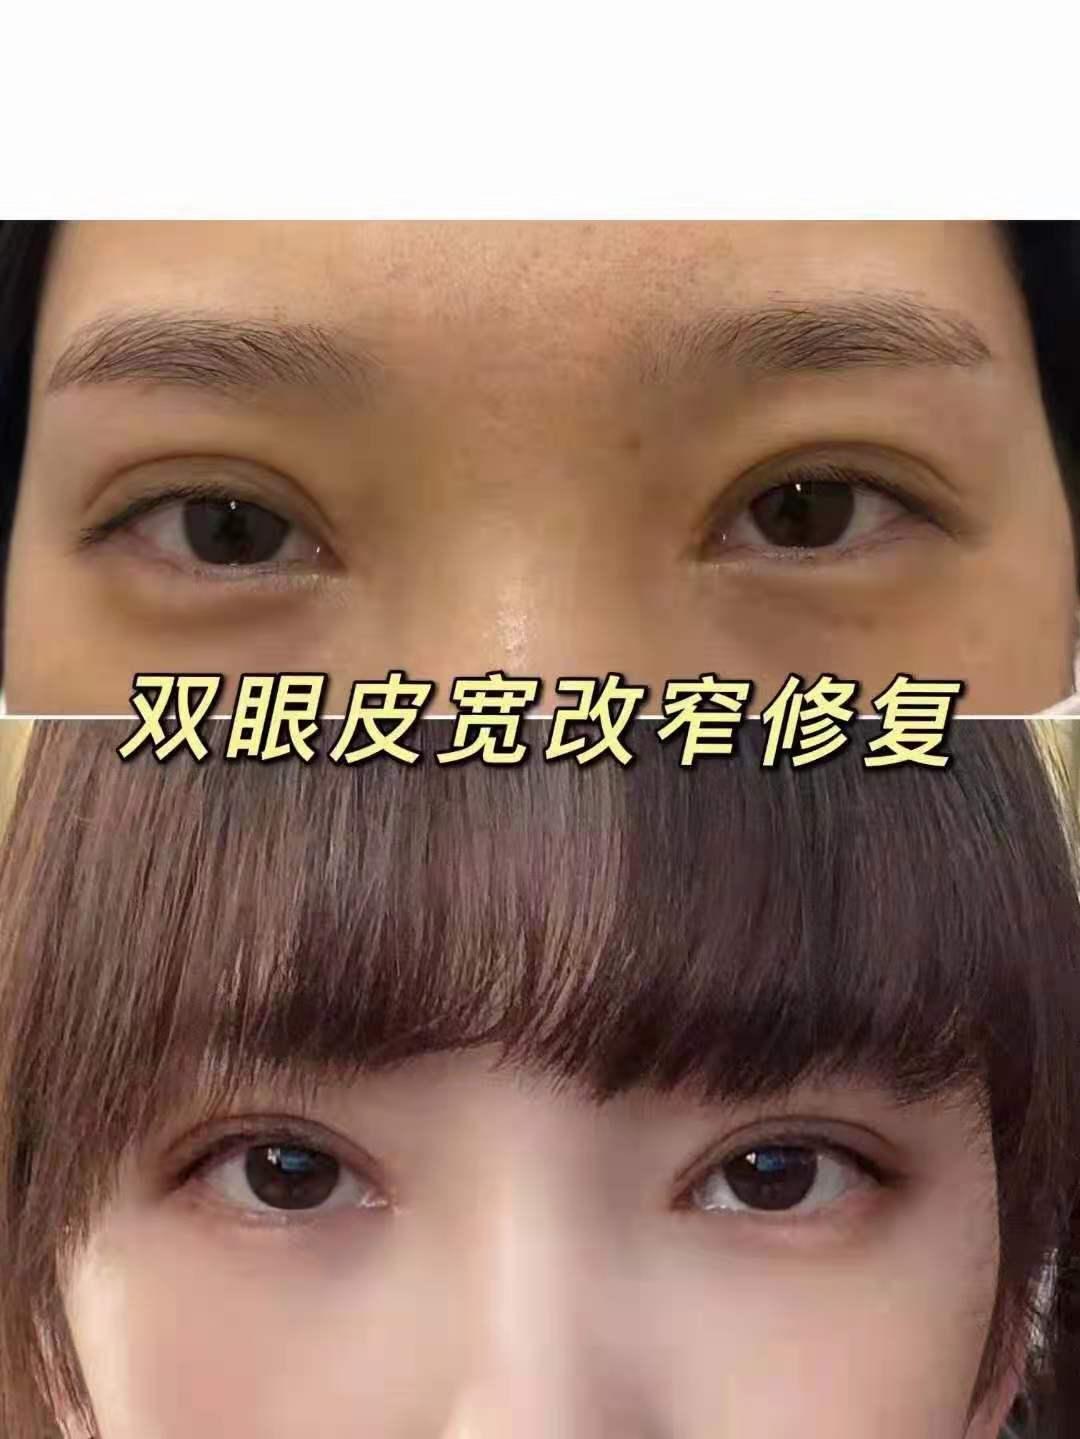 彭昌福修复双眼皮案例